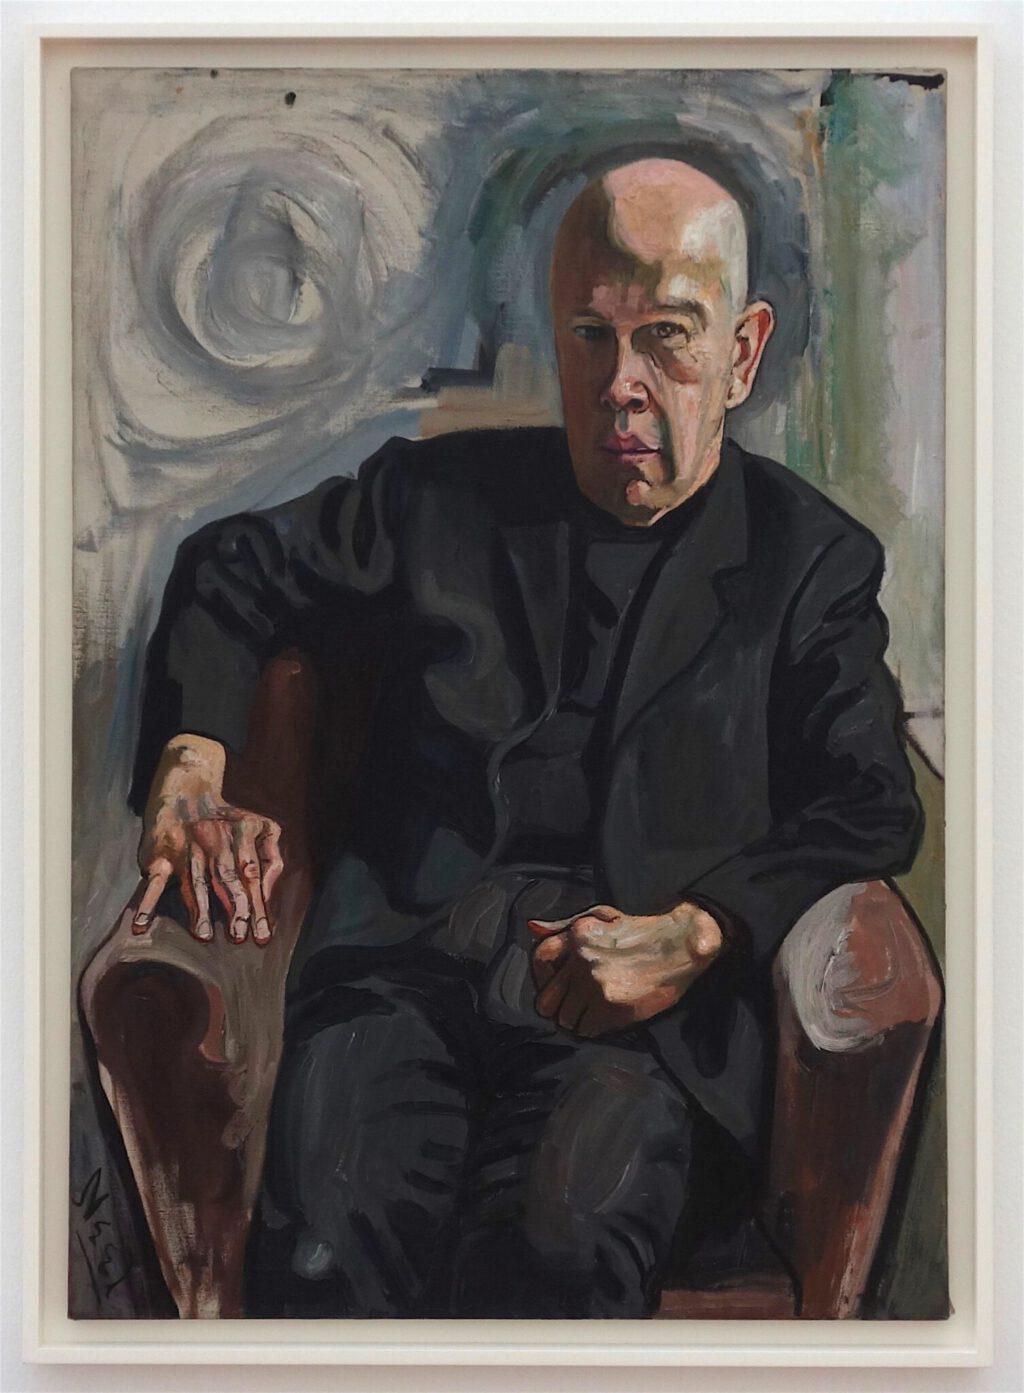 アリス・ニール「マックス・ホワイト」油絵、101.9 x 71.6 センチ、1961年